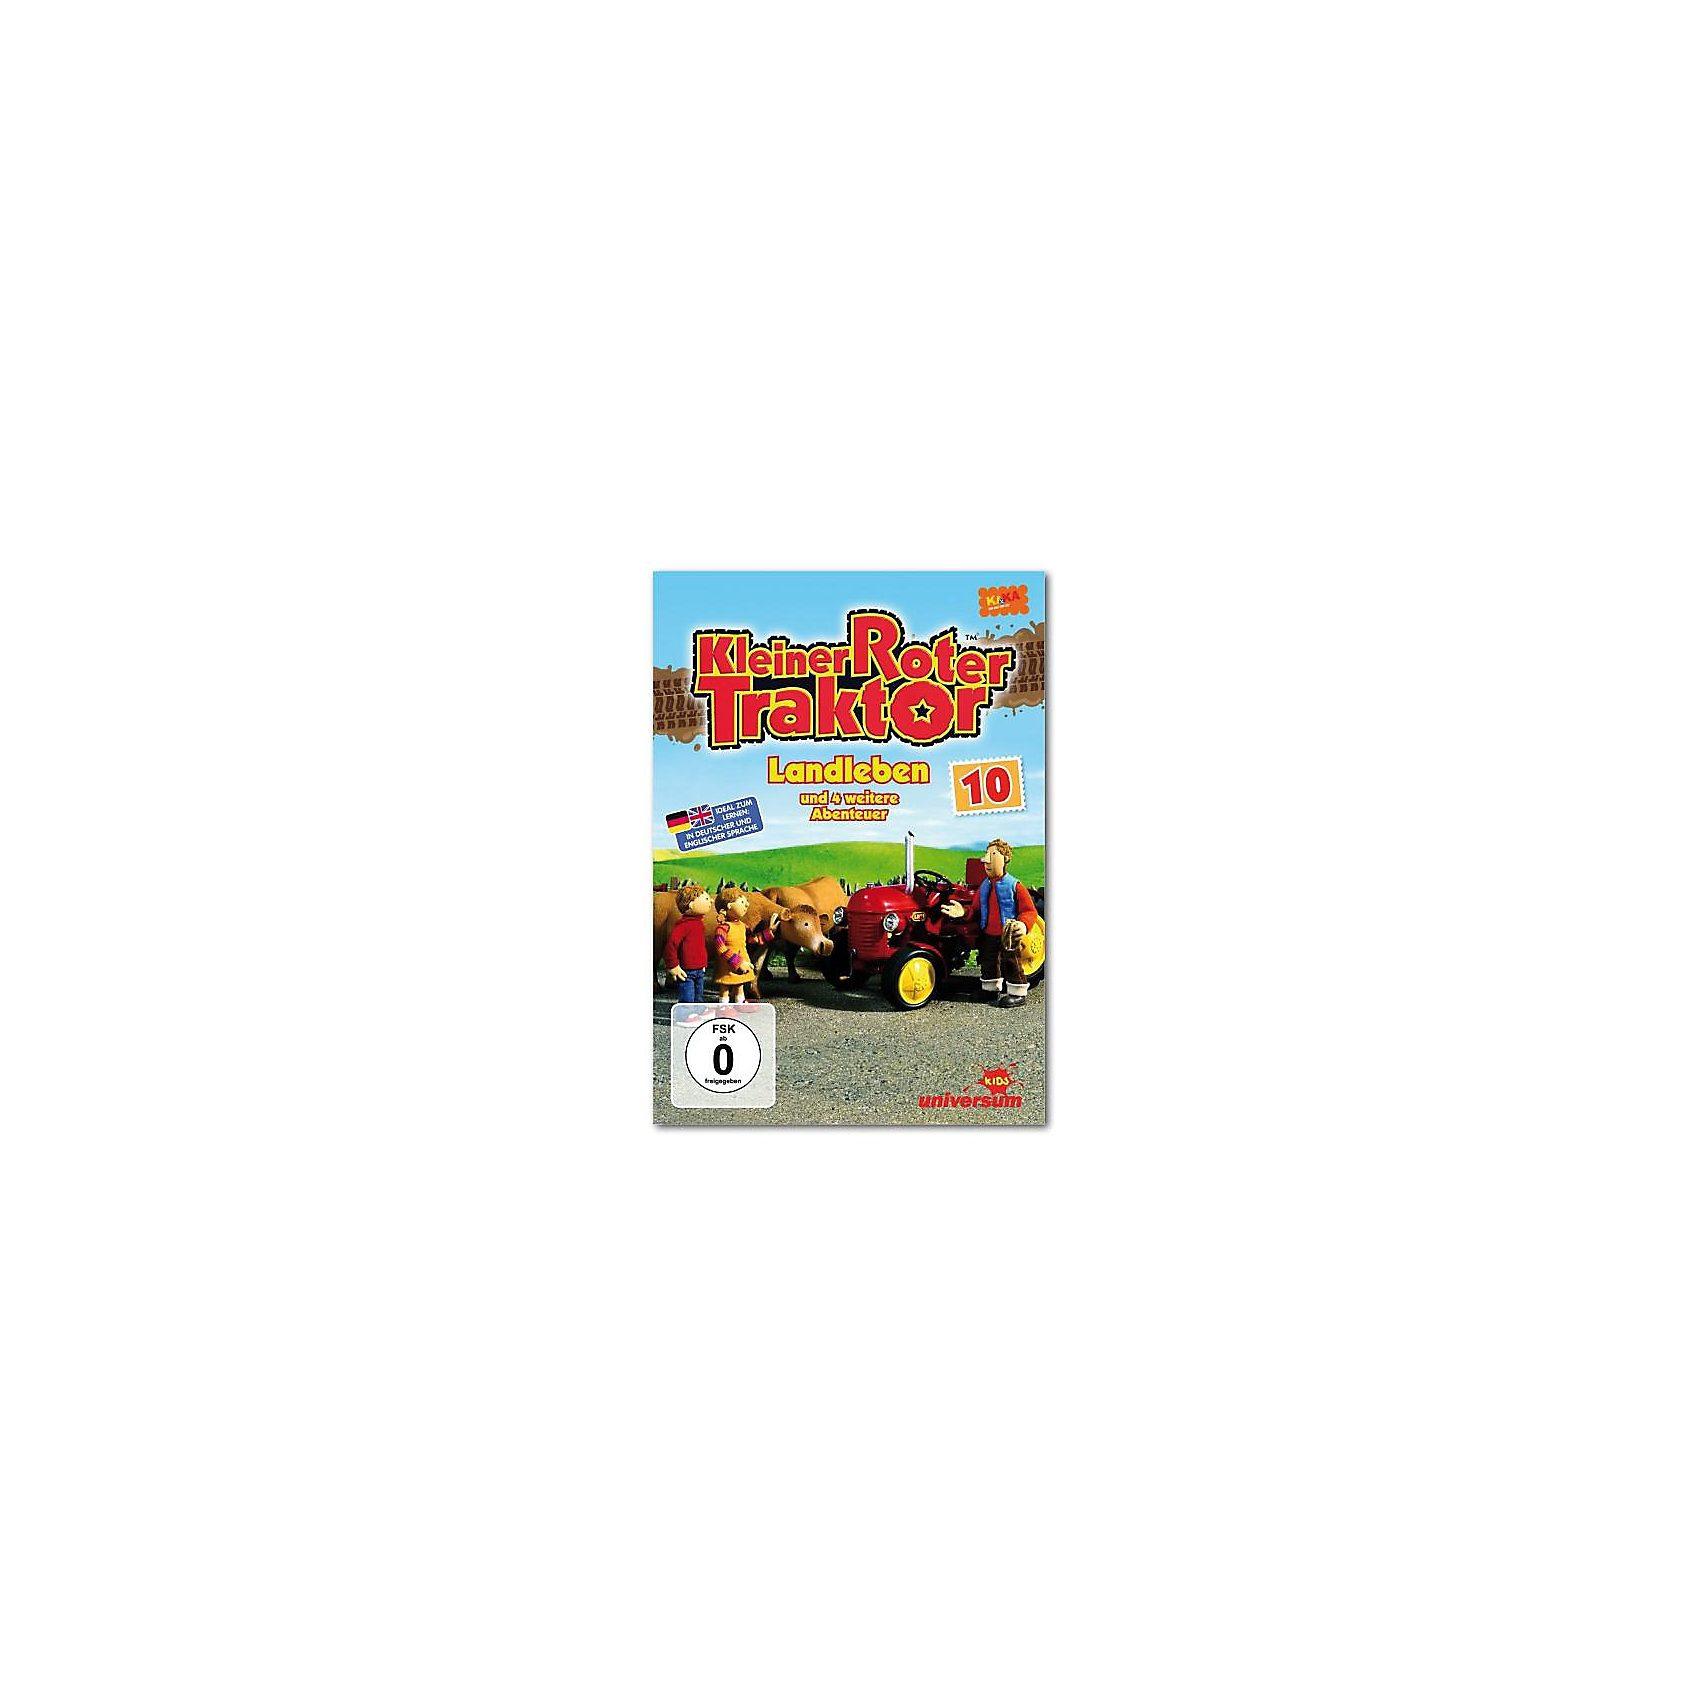 universum DVD Kleiner Roter Traktor 10 - Landleben und 4 weitere Gesch